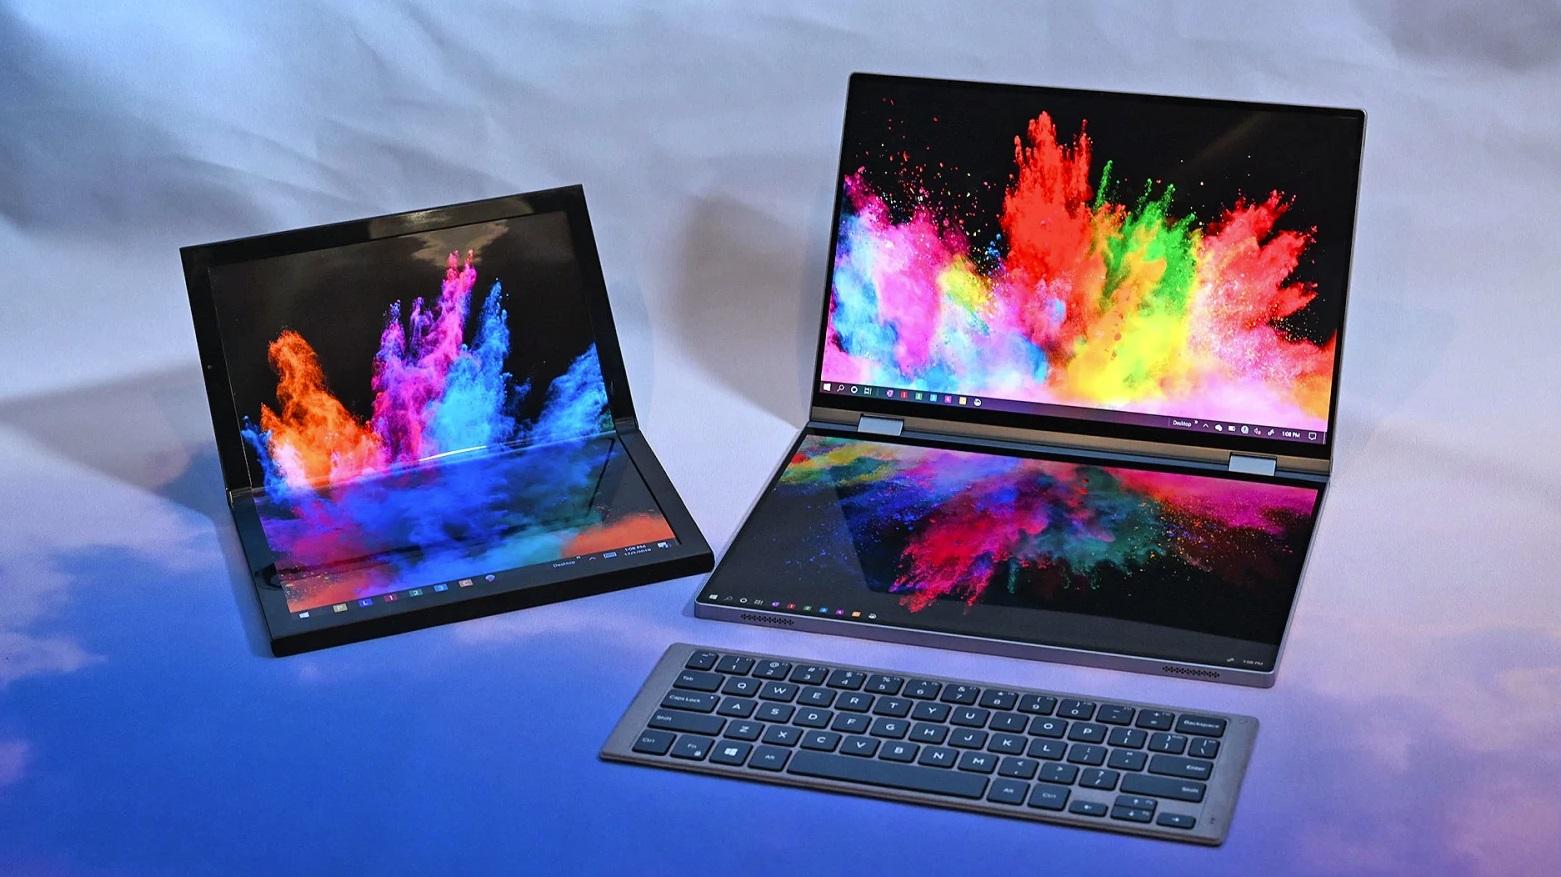 لپتاپهای تاشو و مجهز به دو نمایشگر شرکت Dell معرفی شدند